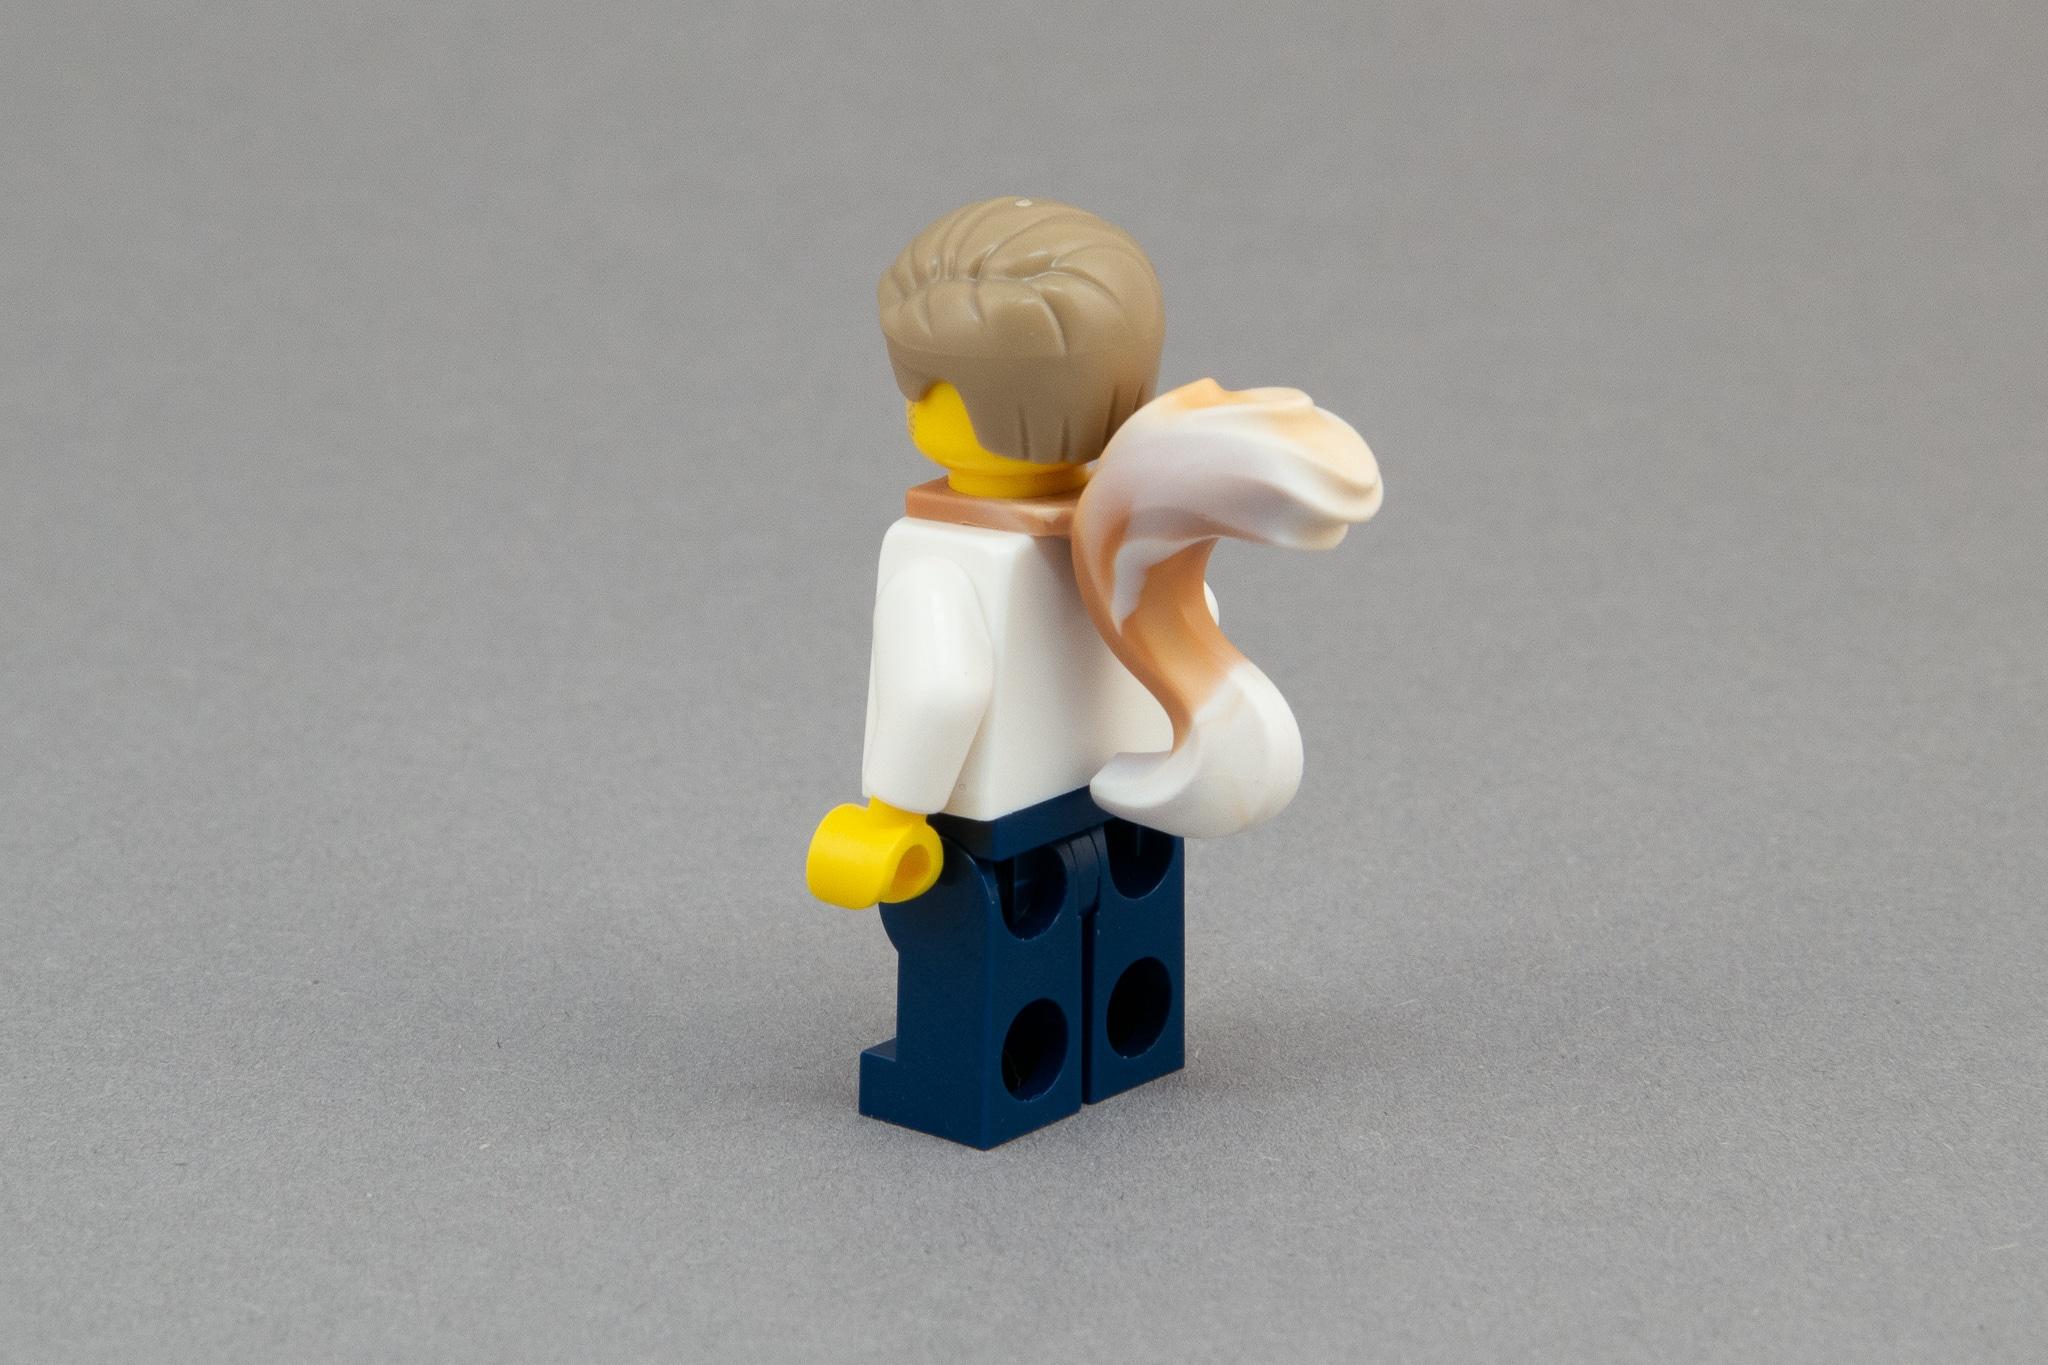 LEGO Moc Bausinpiration Esszimmer Tisch (12)